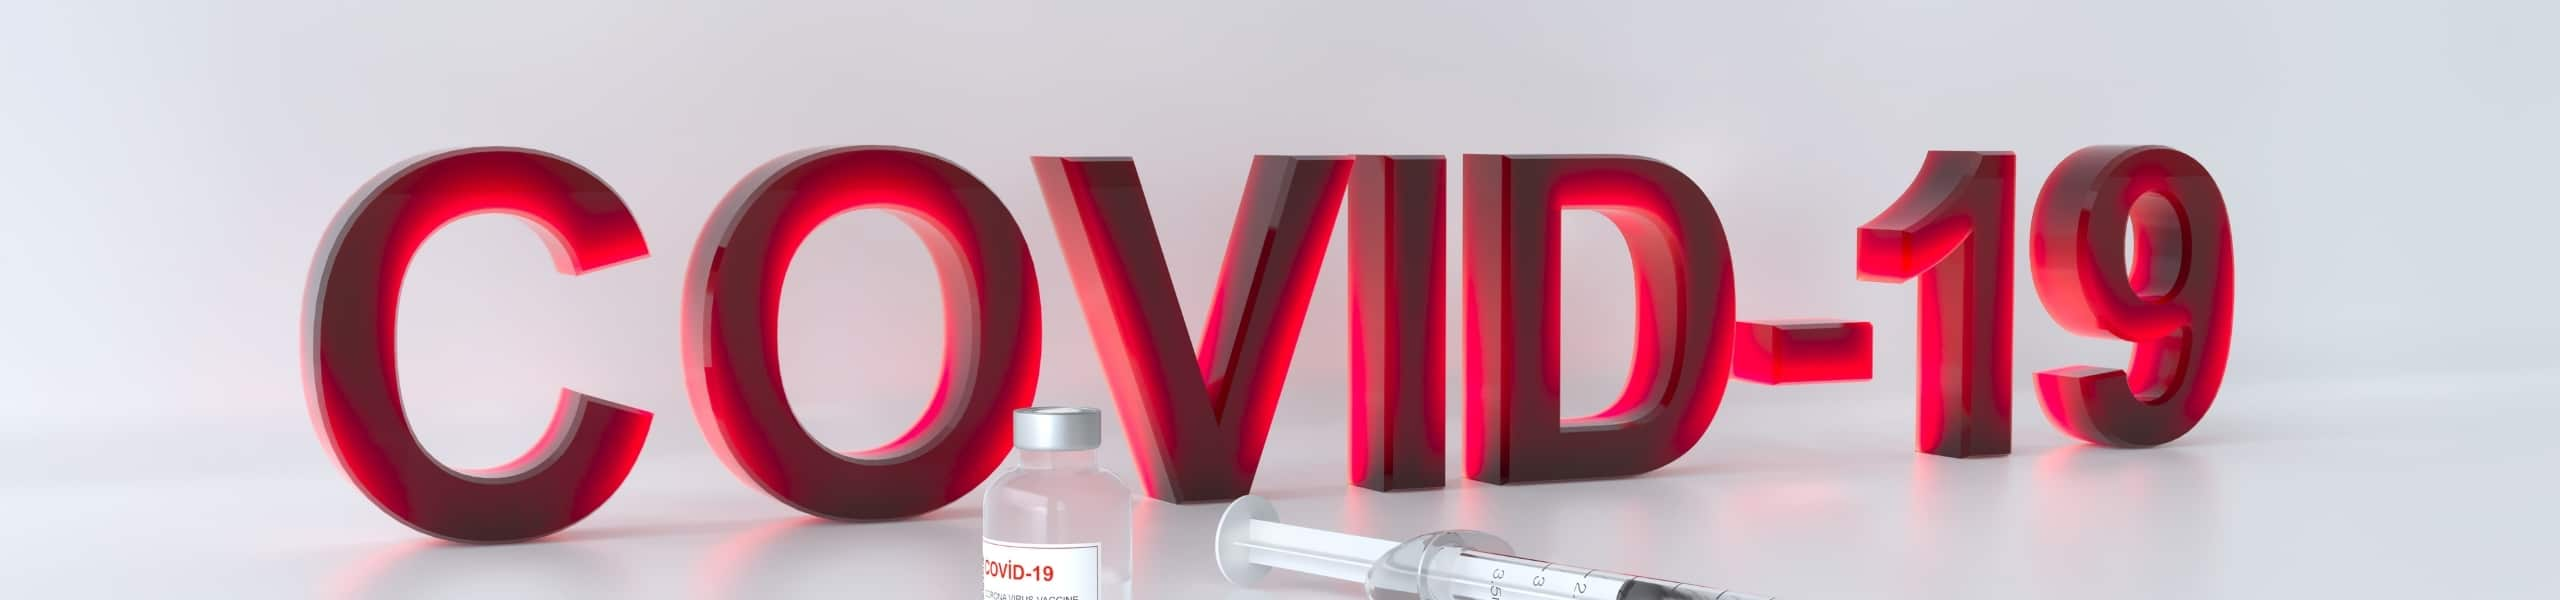 Miedo a la vacuna del coronavirus COVID19